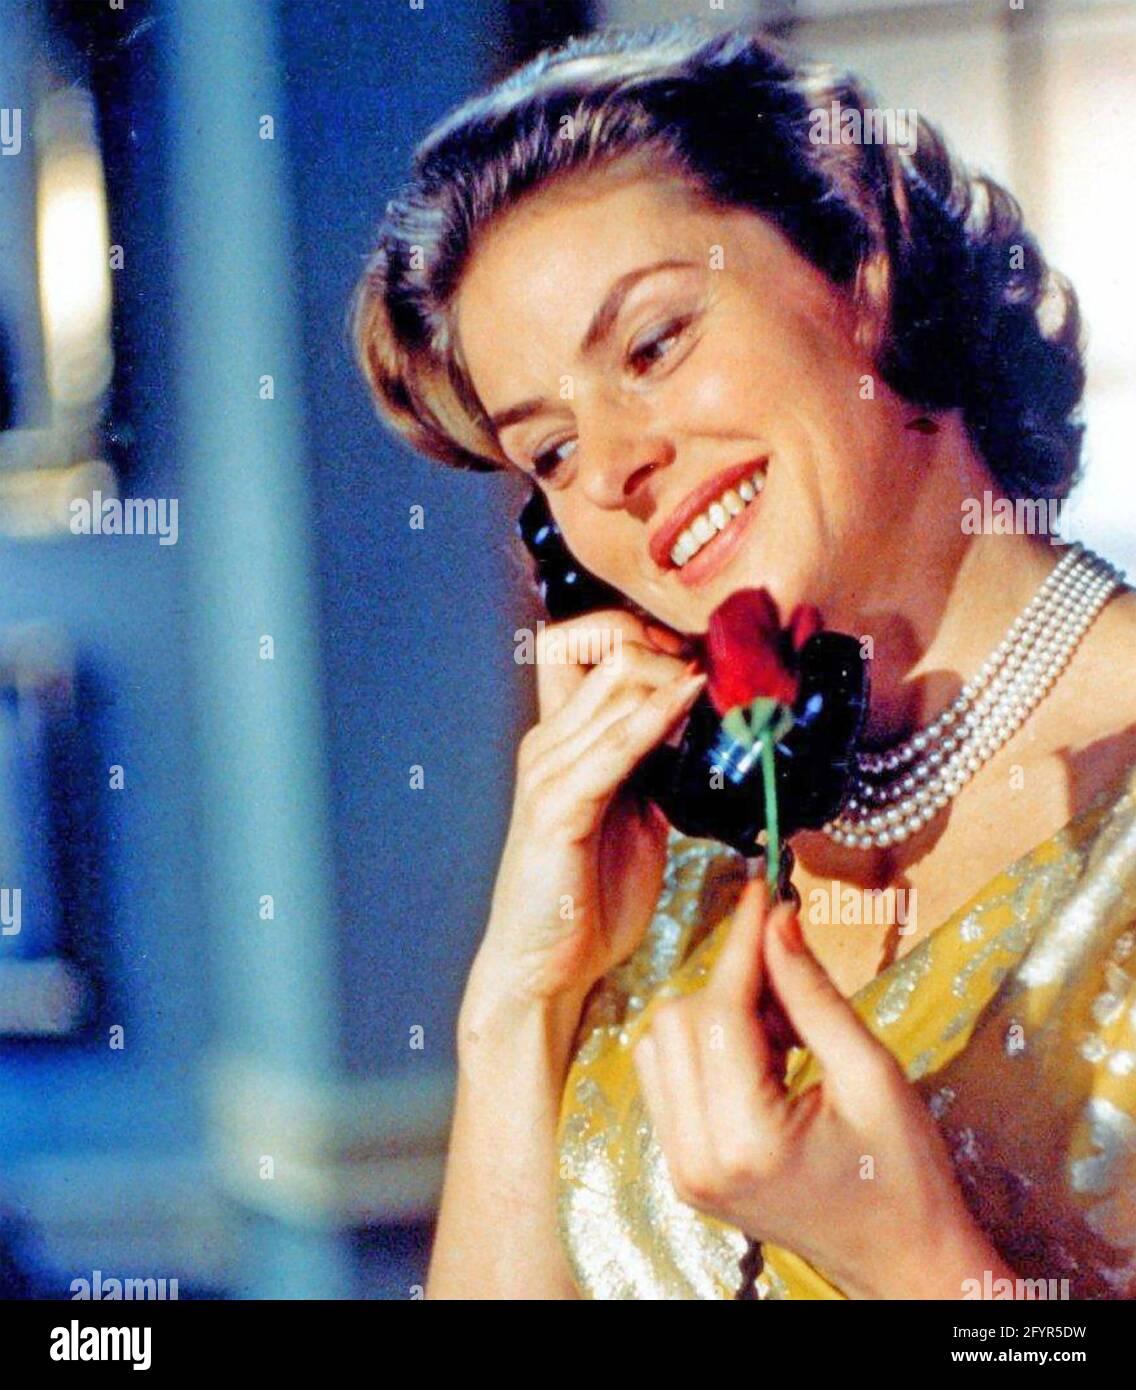 INGRID BERGMAN (1915-1982), schwedische Schauspielerin ca. 1955 Stockfoto